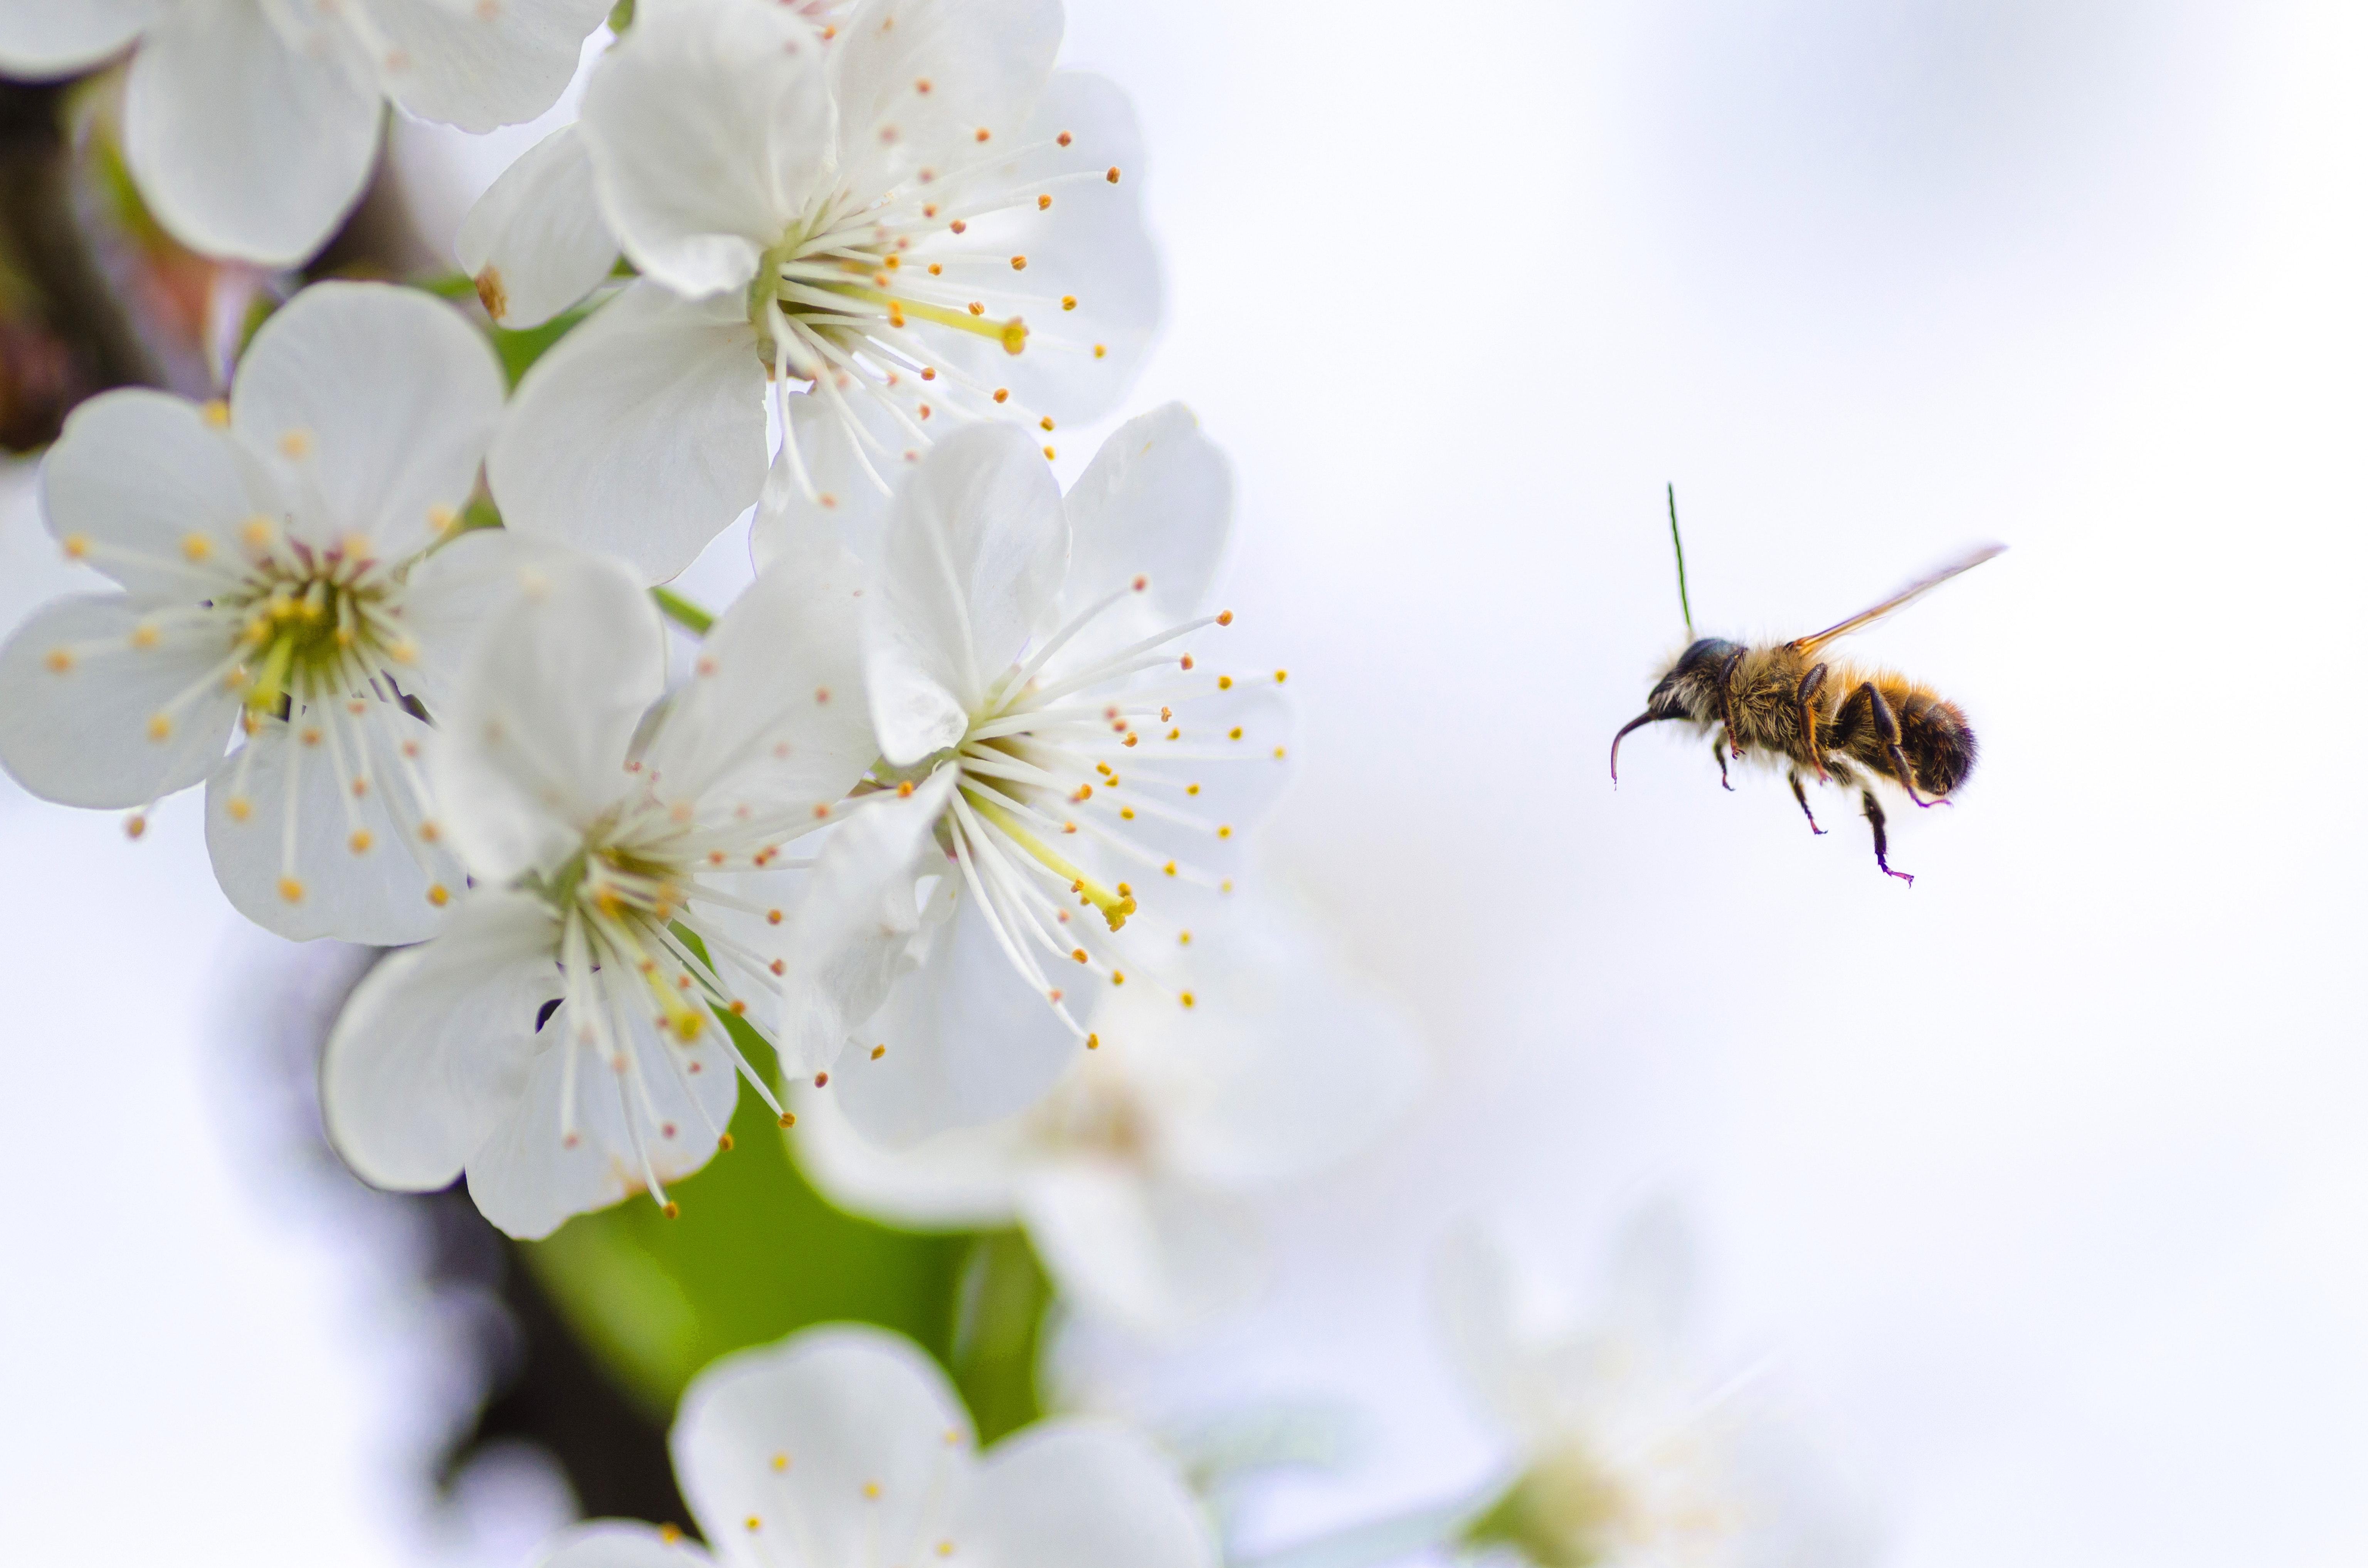 Biene-im-Anflug-auf-Blüte